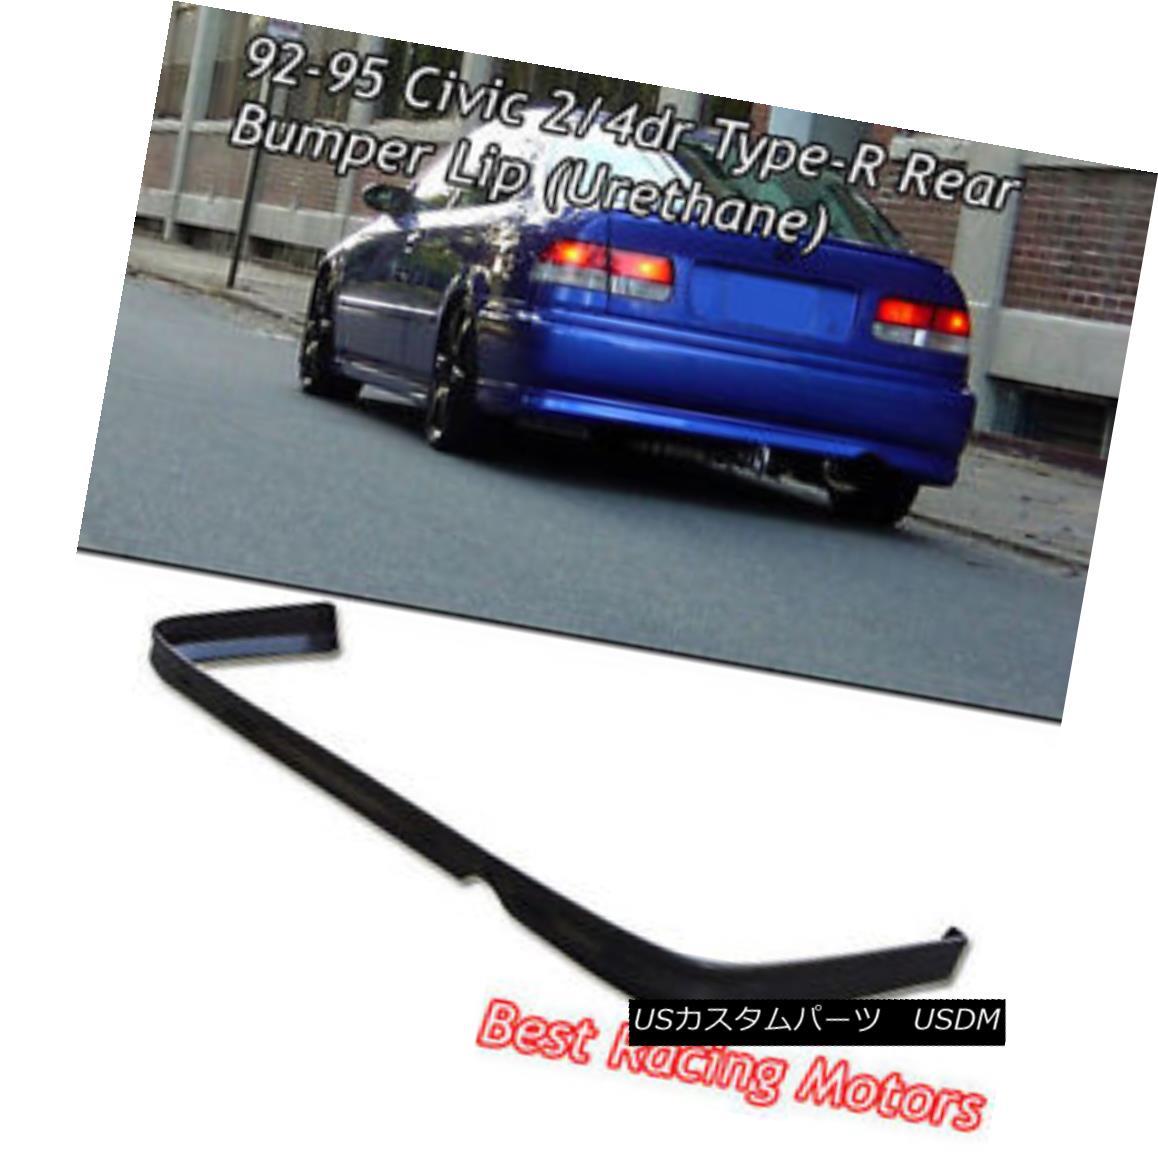 エアロパーツ TR Style Rear Bumper Lip (Urethane) Fits 92-95 Honda Civic 4dr TRスタイルリアバンパーリップ(ウレタン)92-95ホンダシビック4dr